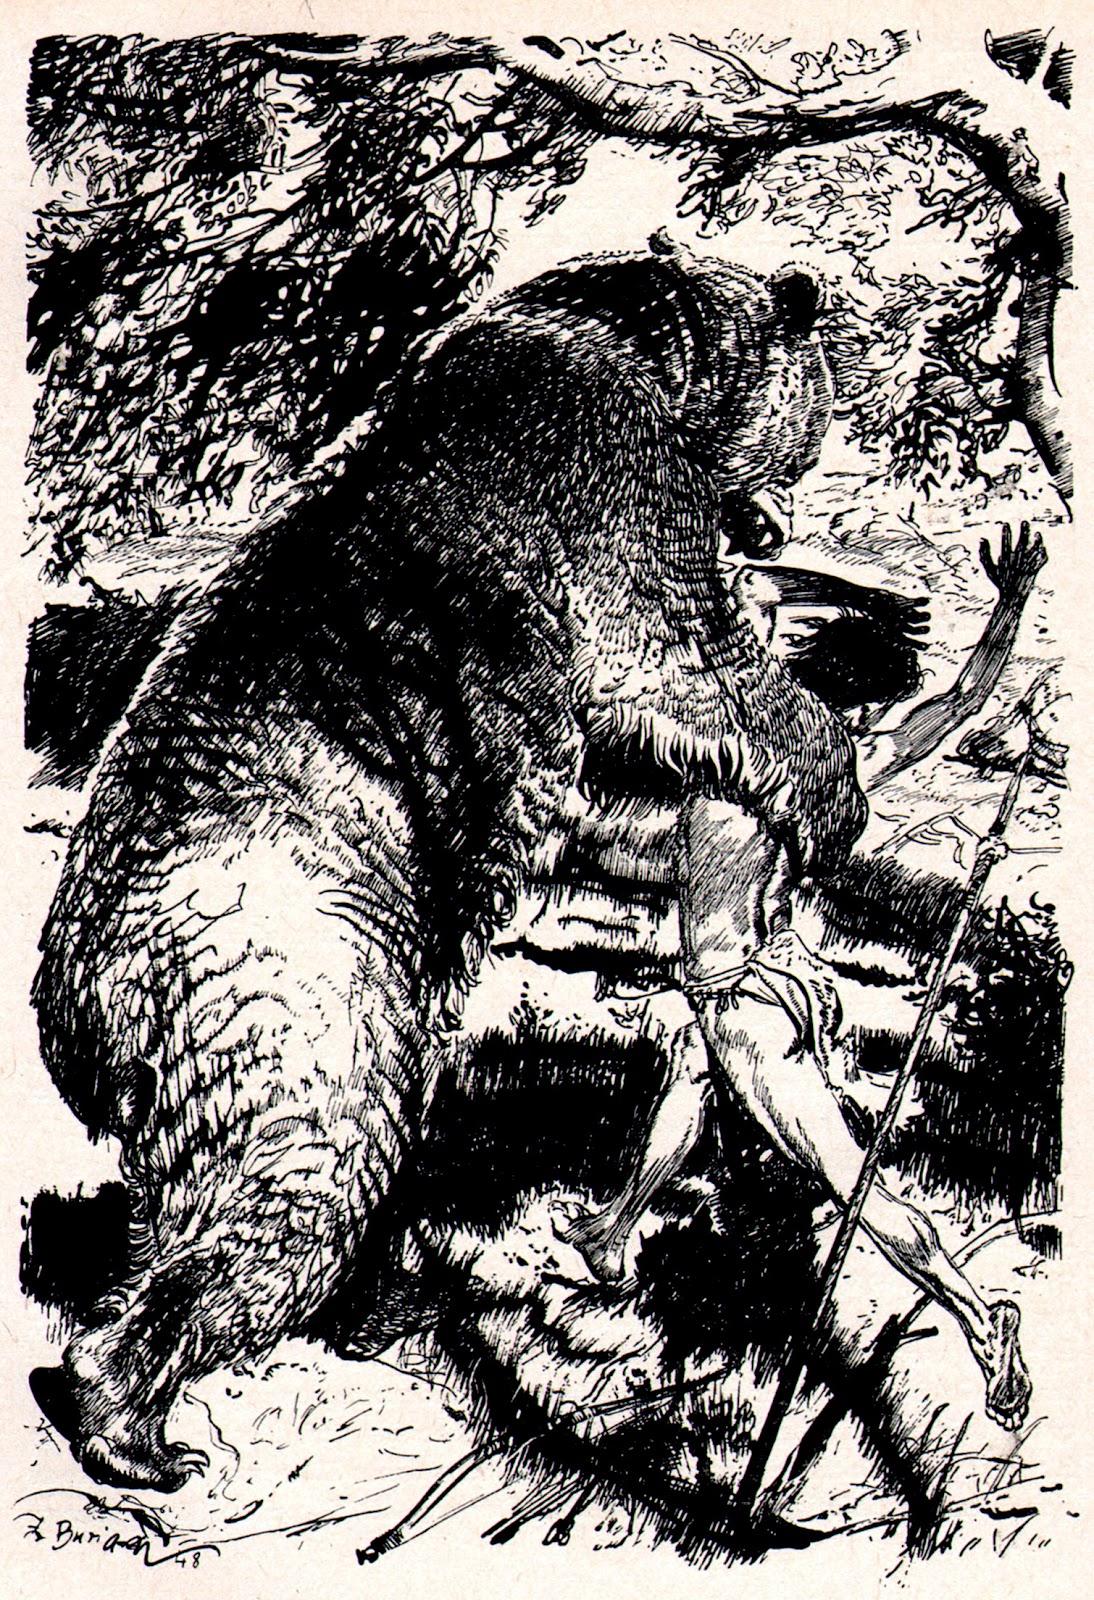 bear_attack_by_zdenek_burian_1962